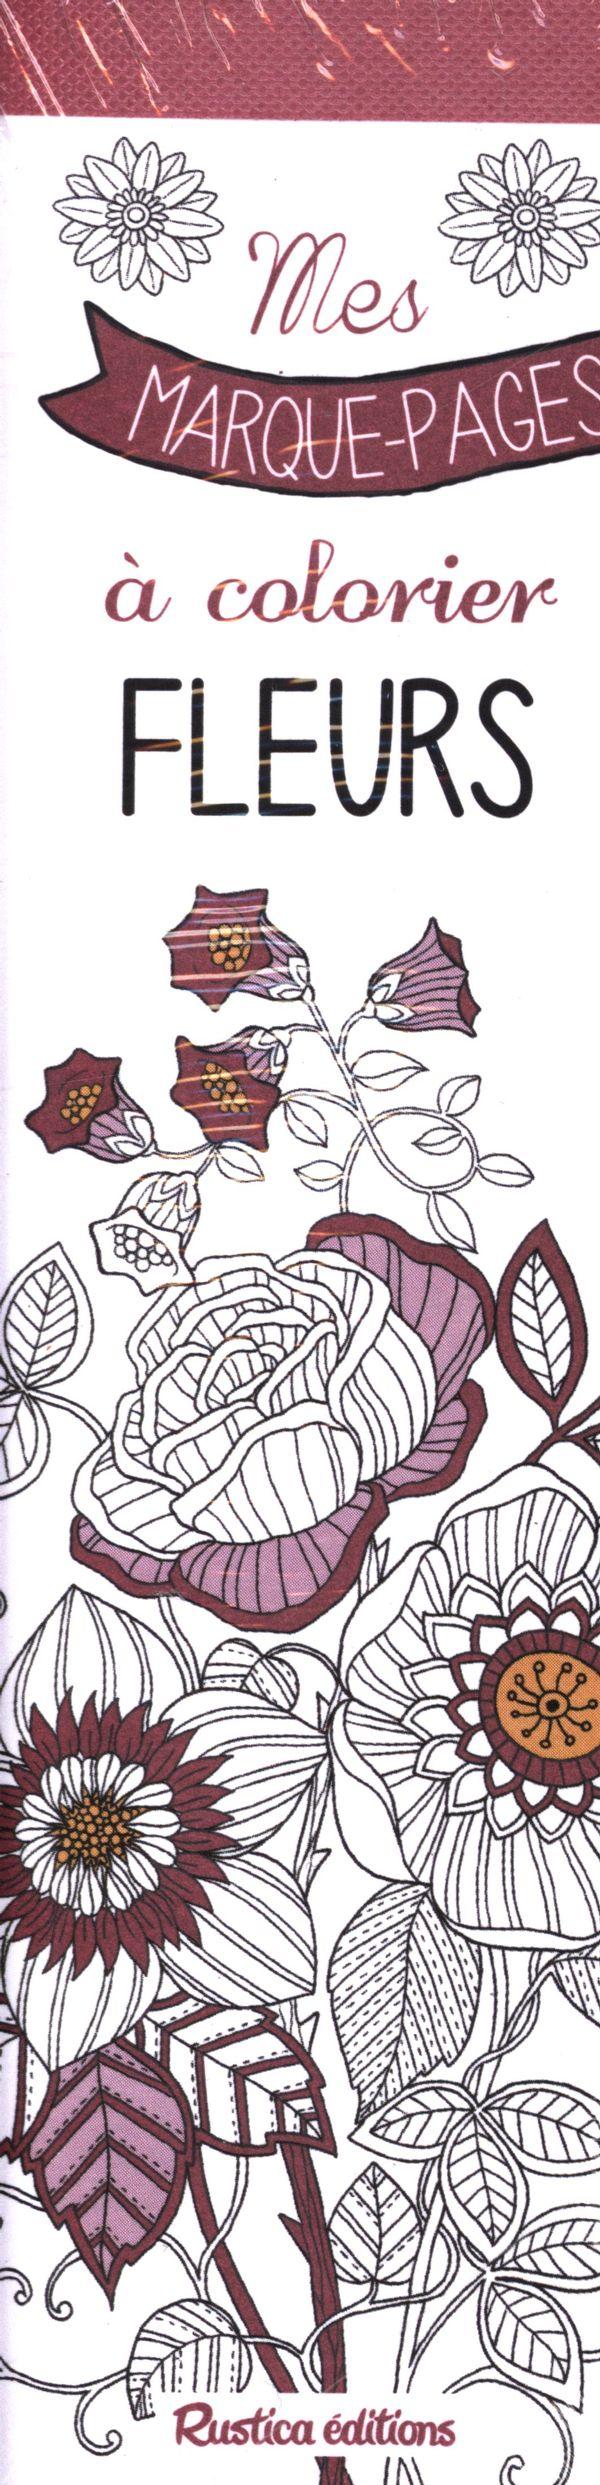 Mes marque-pages à colorier - Fleurs